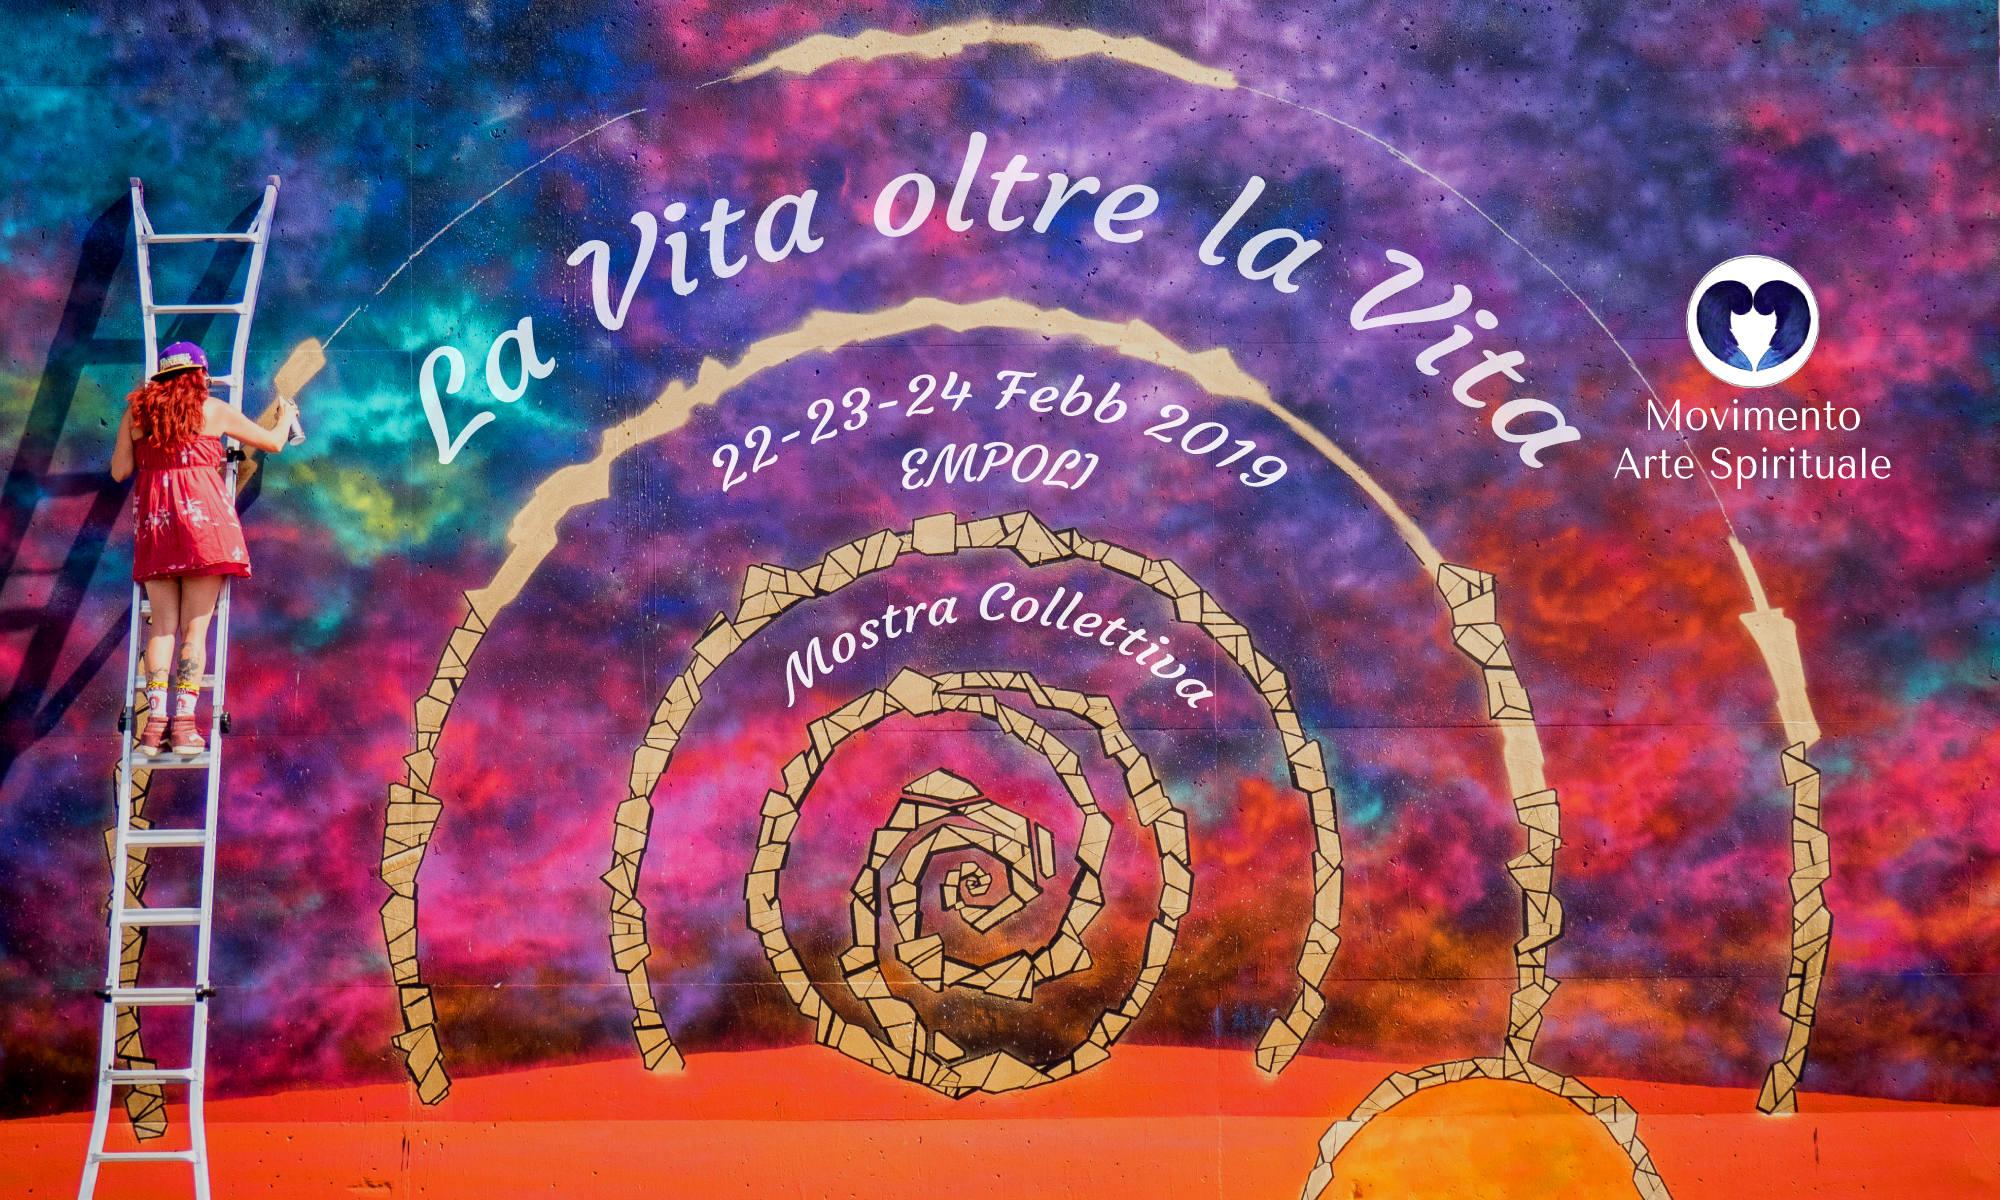 """La Vita oltre la Vita"""": Mostra Collettiva del Movimento Arte Spirituale a Empoli, 22-23-24 Febbraio 2019. Circolo Arti Figurative, Piazza Farinata degli Uberti. Cosa c'è oltre la Vita?"""